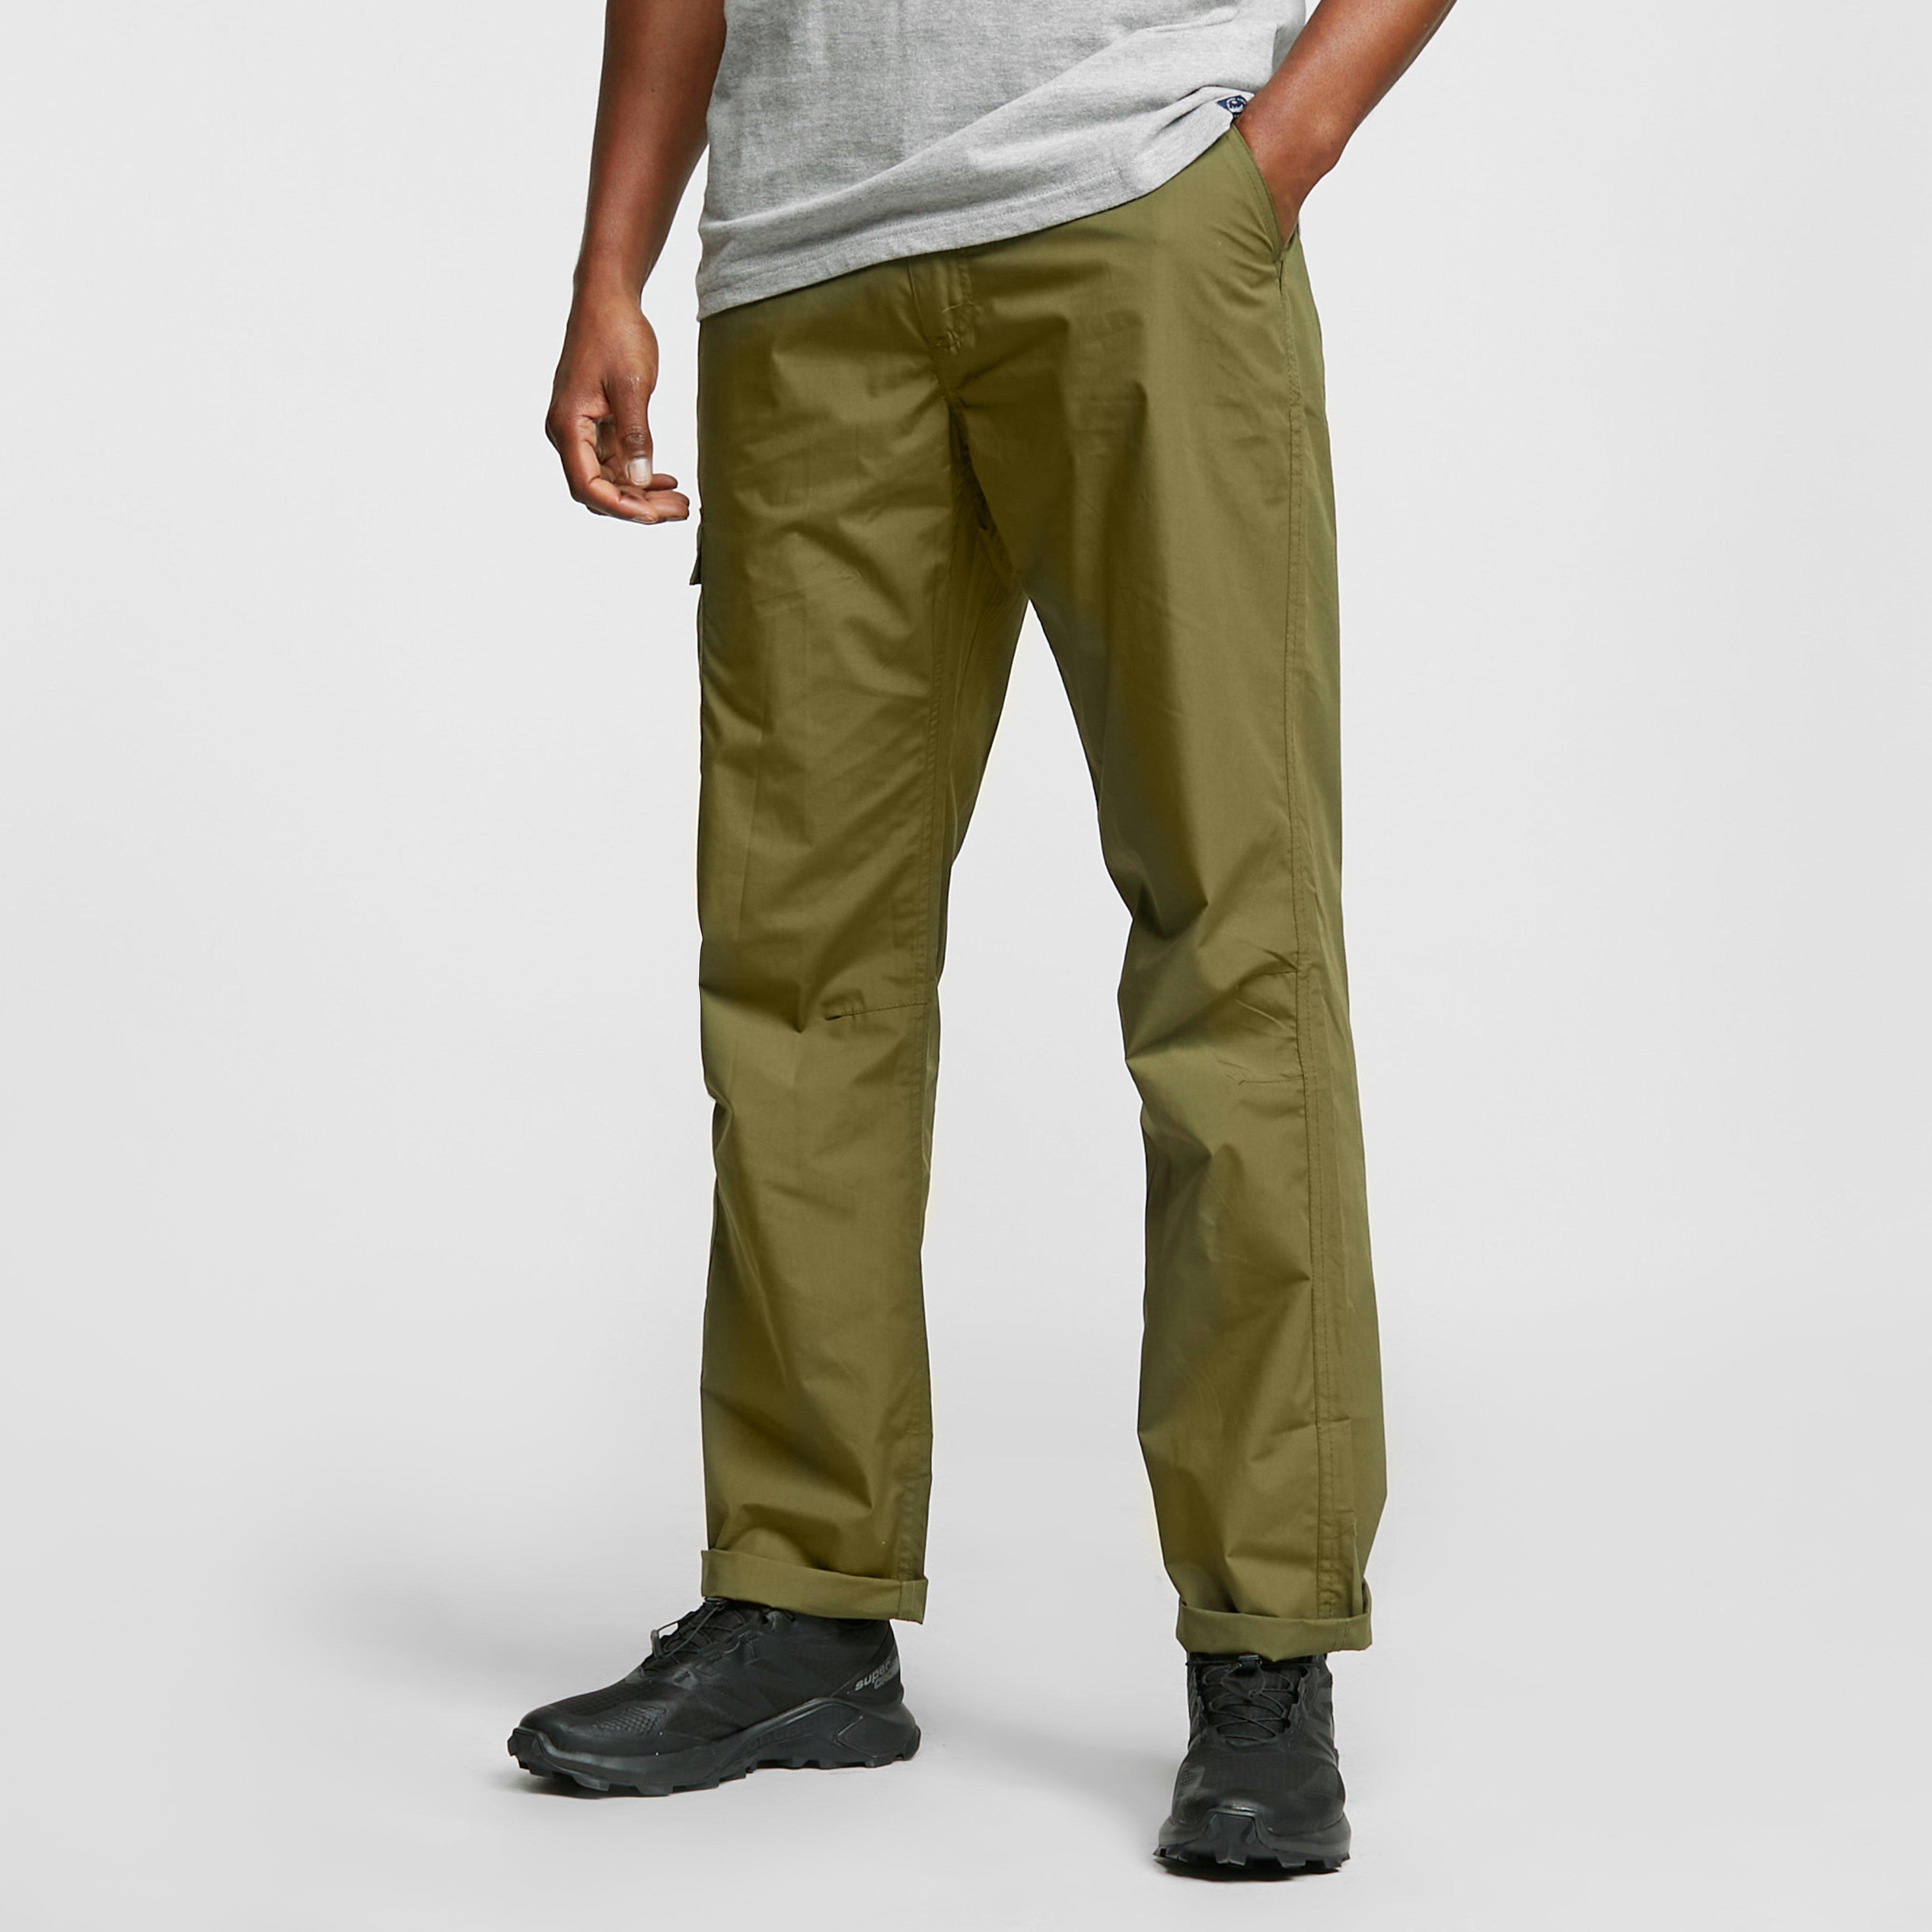 Hi-Gear Men's Nebraska Ii Walking Trousers - Khaki/Mens, Khaki